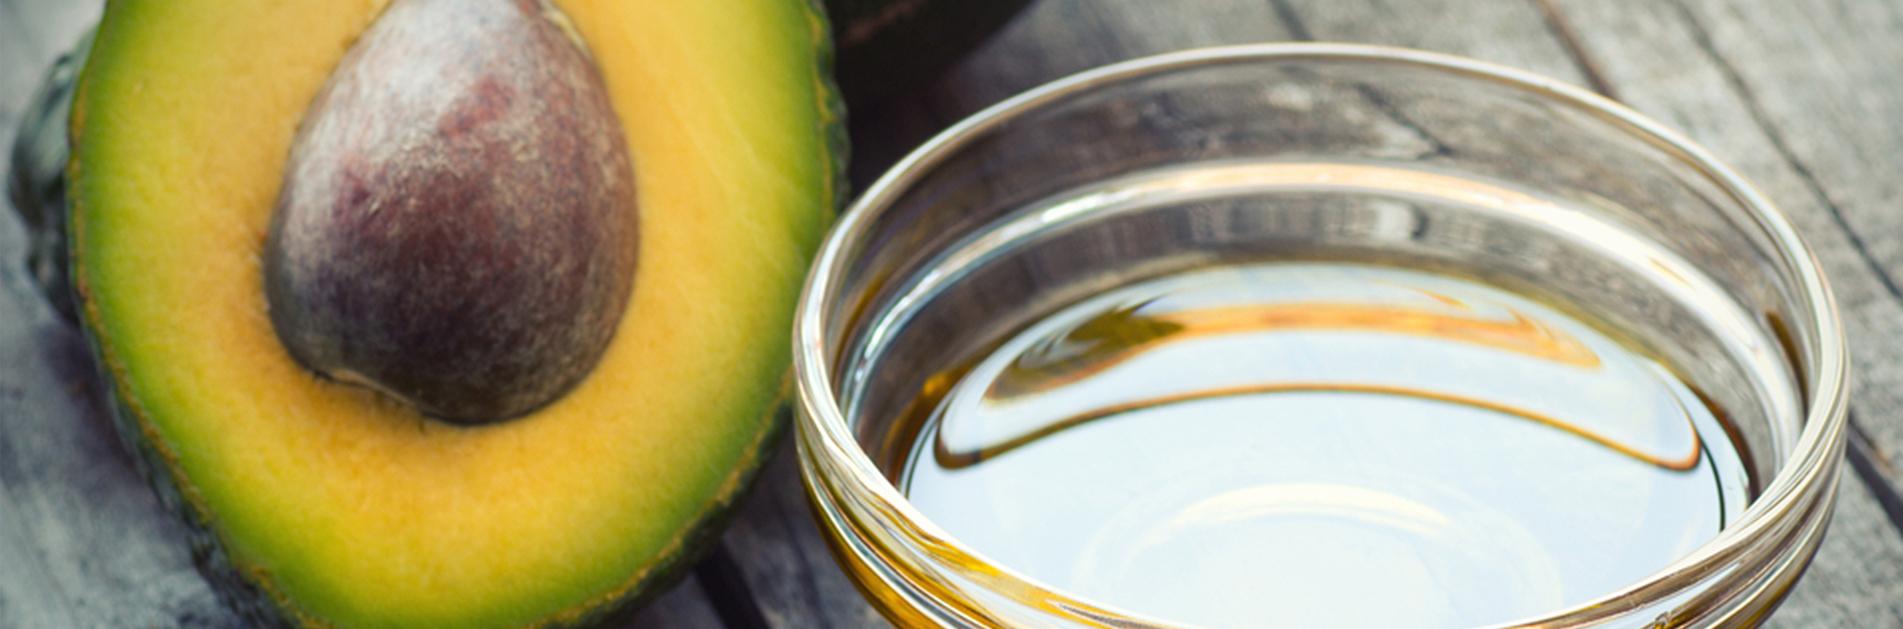 Avokádové oleje